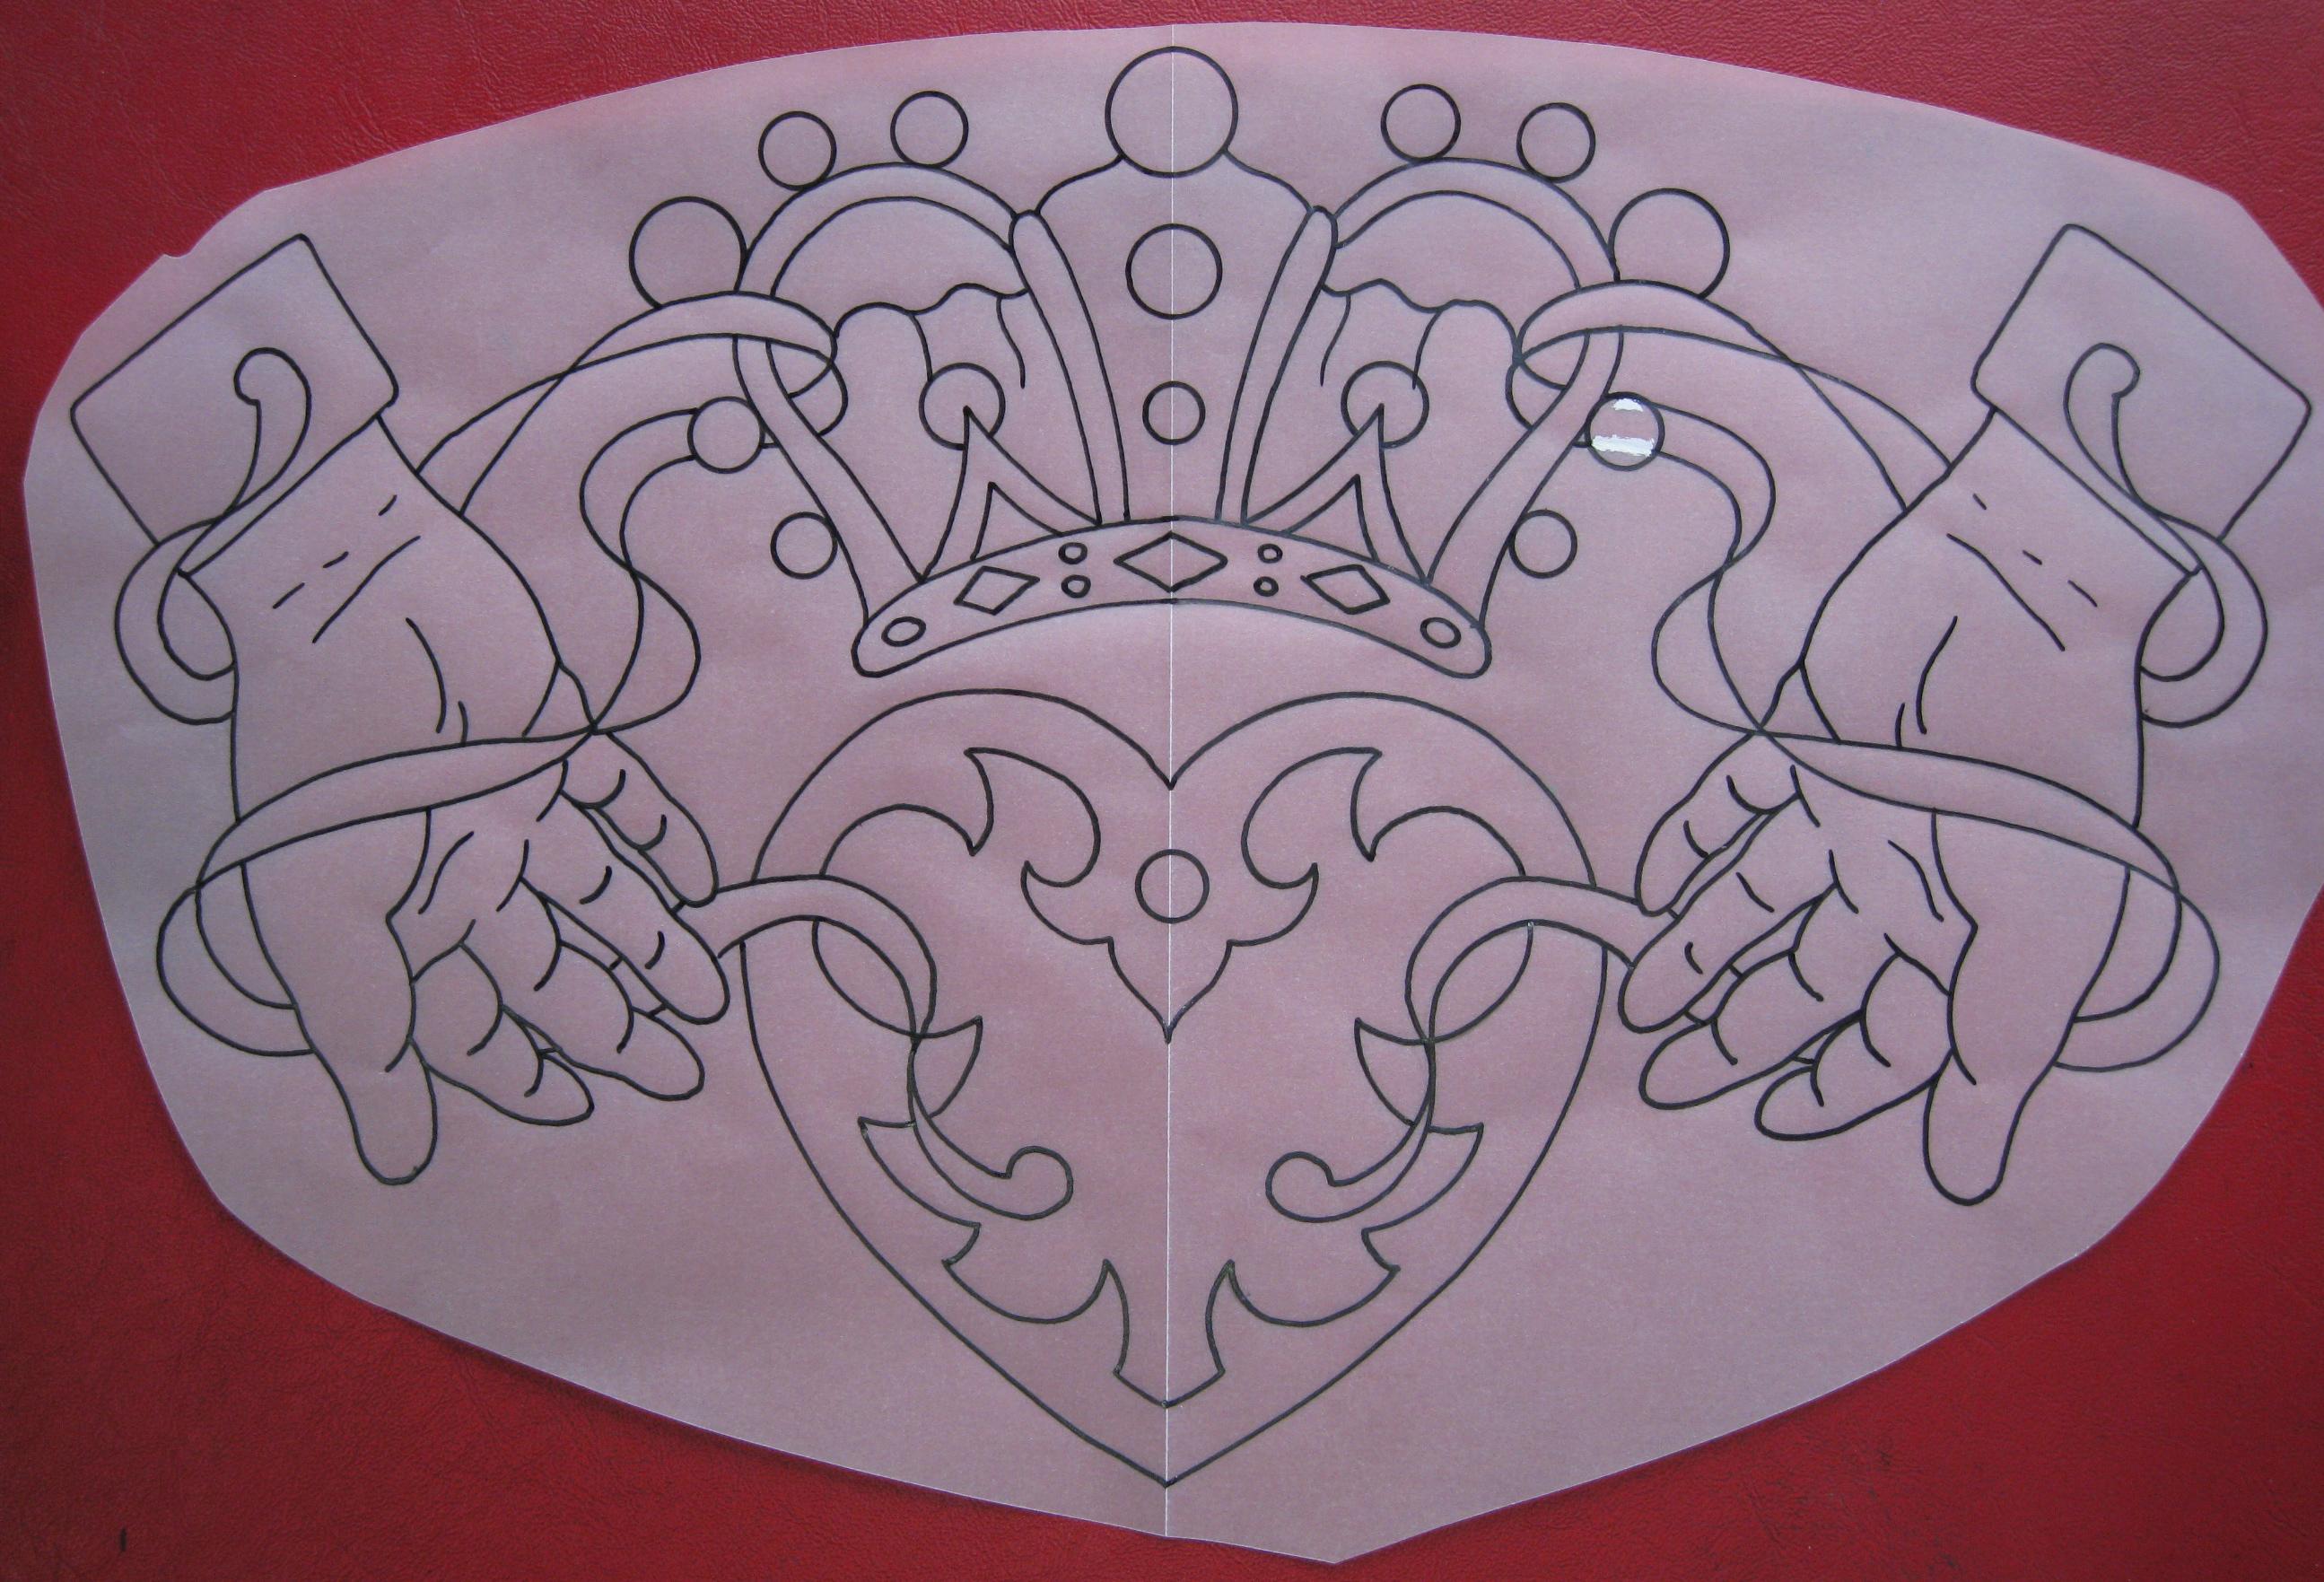 2590x1763 Irish Street Tattoo Claddagh Drawing. Old School Style. Irish St